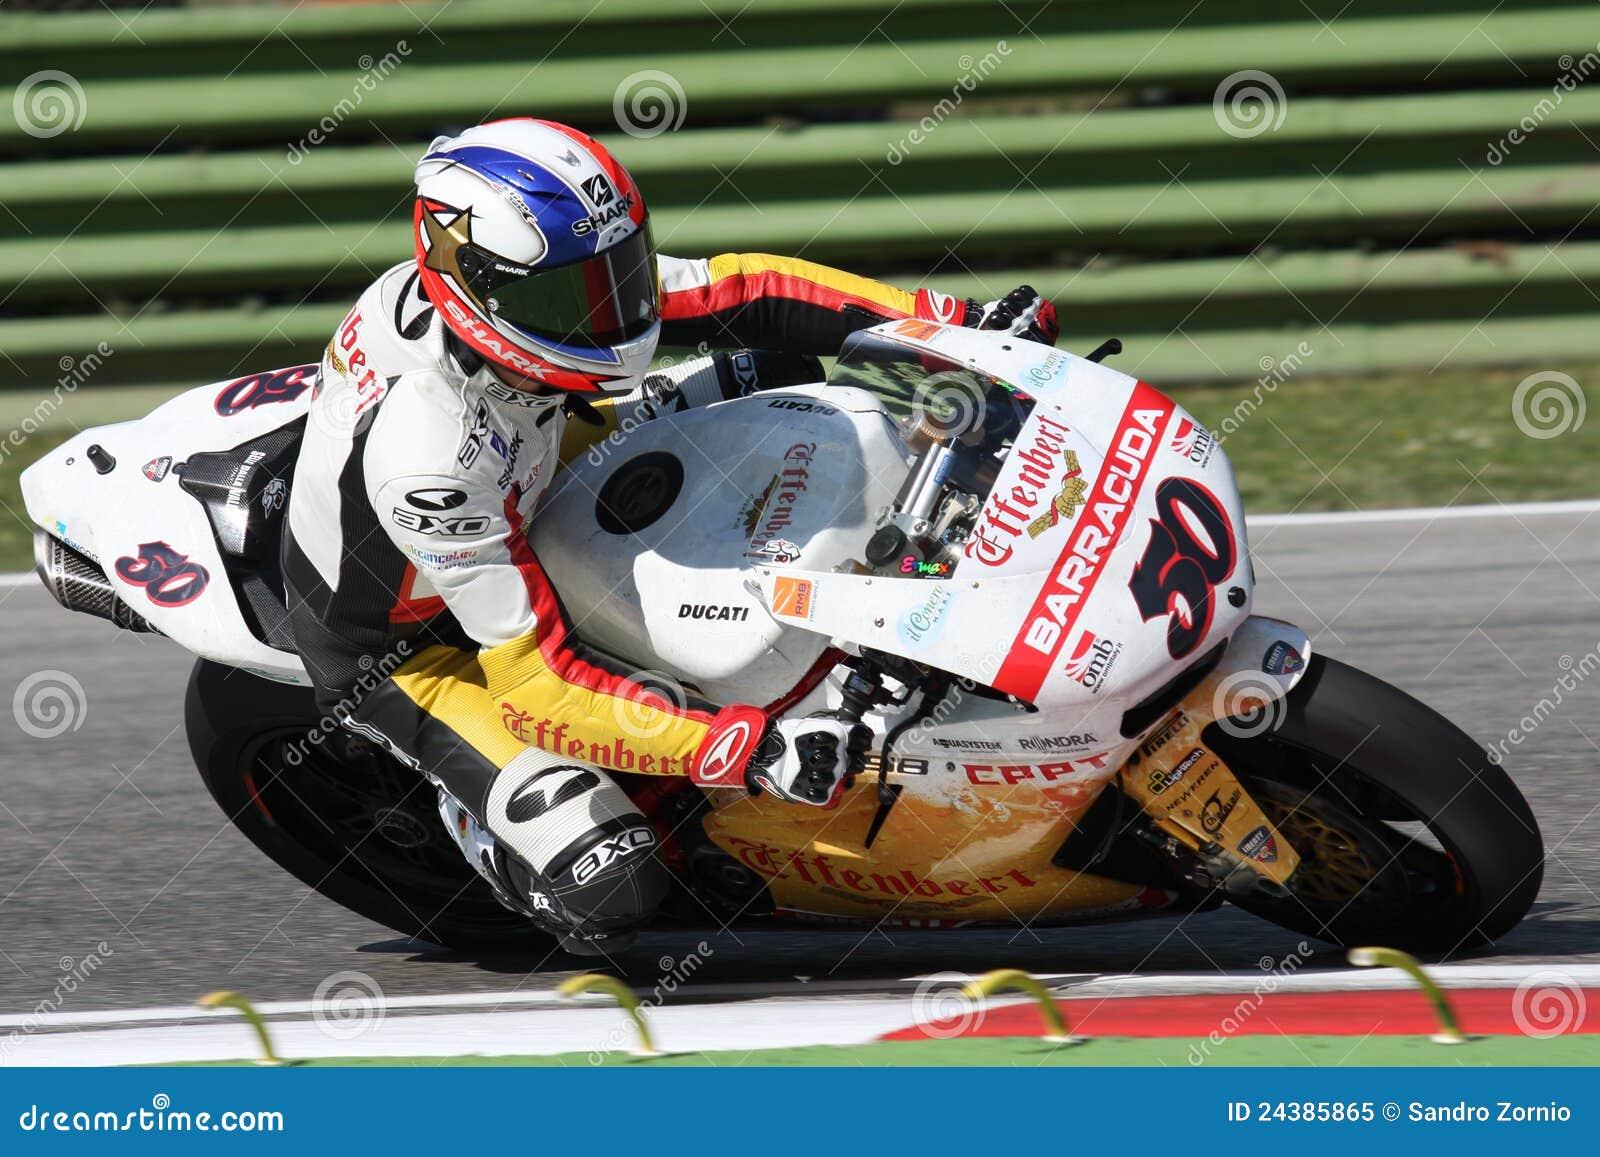 Sylvain Guintoli - Ducati1098R - libertà di Effenbert